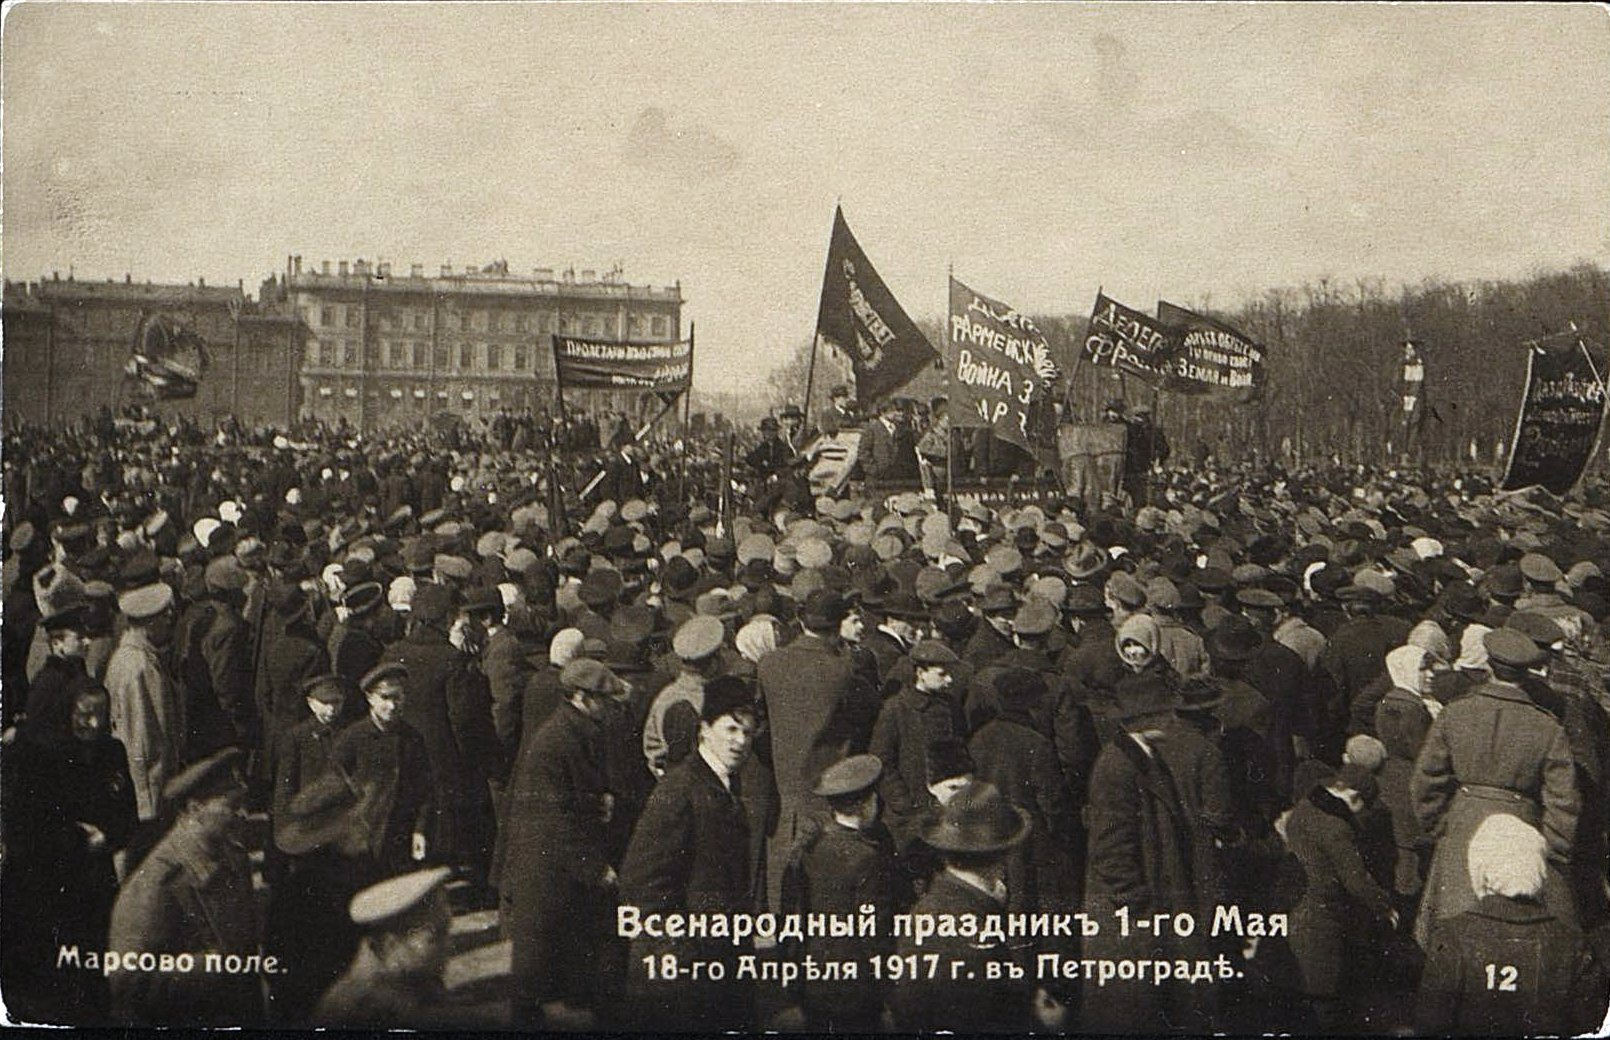 1 мая. Всенародный праздник 1-го Мая в Петрограде. Марсово поле